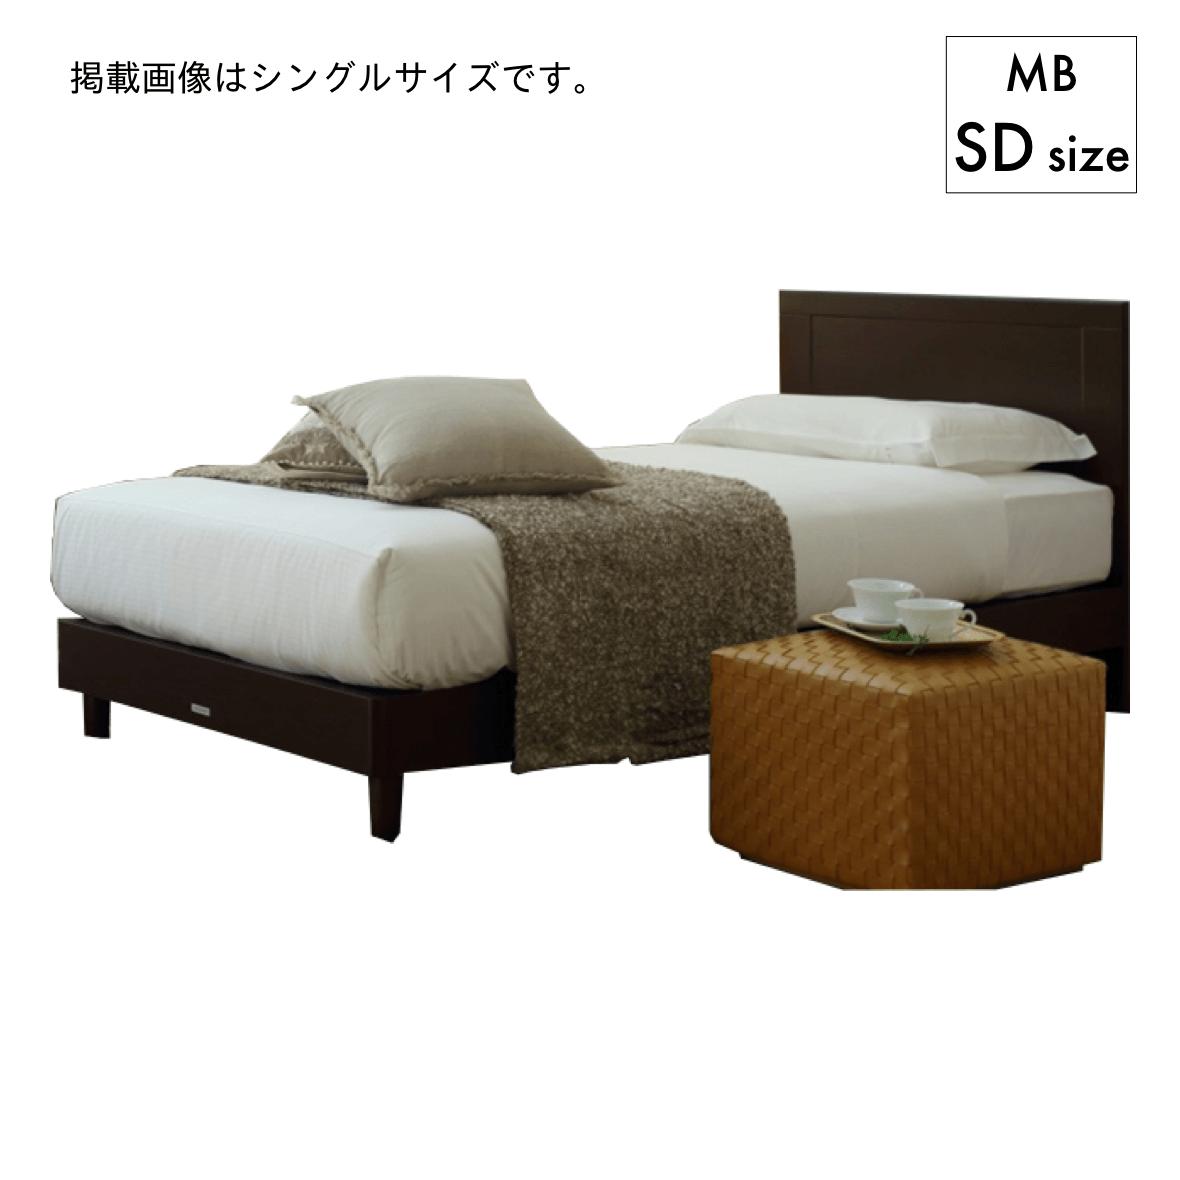 マリン LG MB DR3フィット SDベッド[マットレス付]0